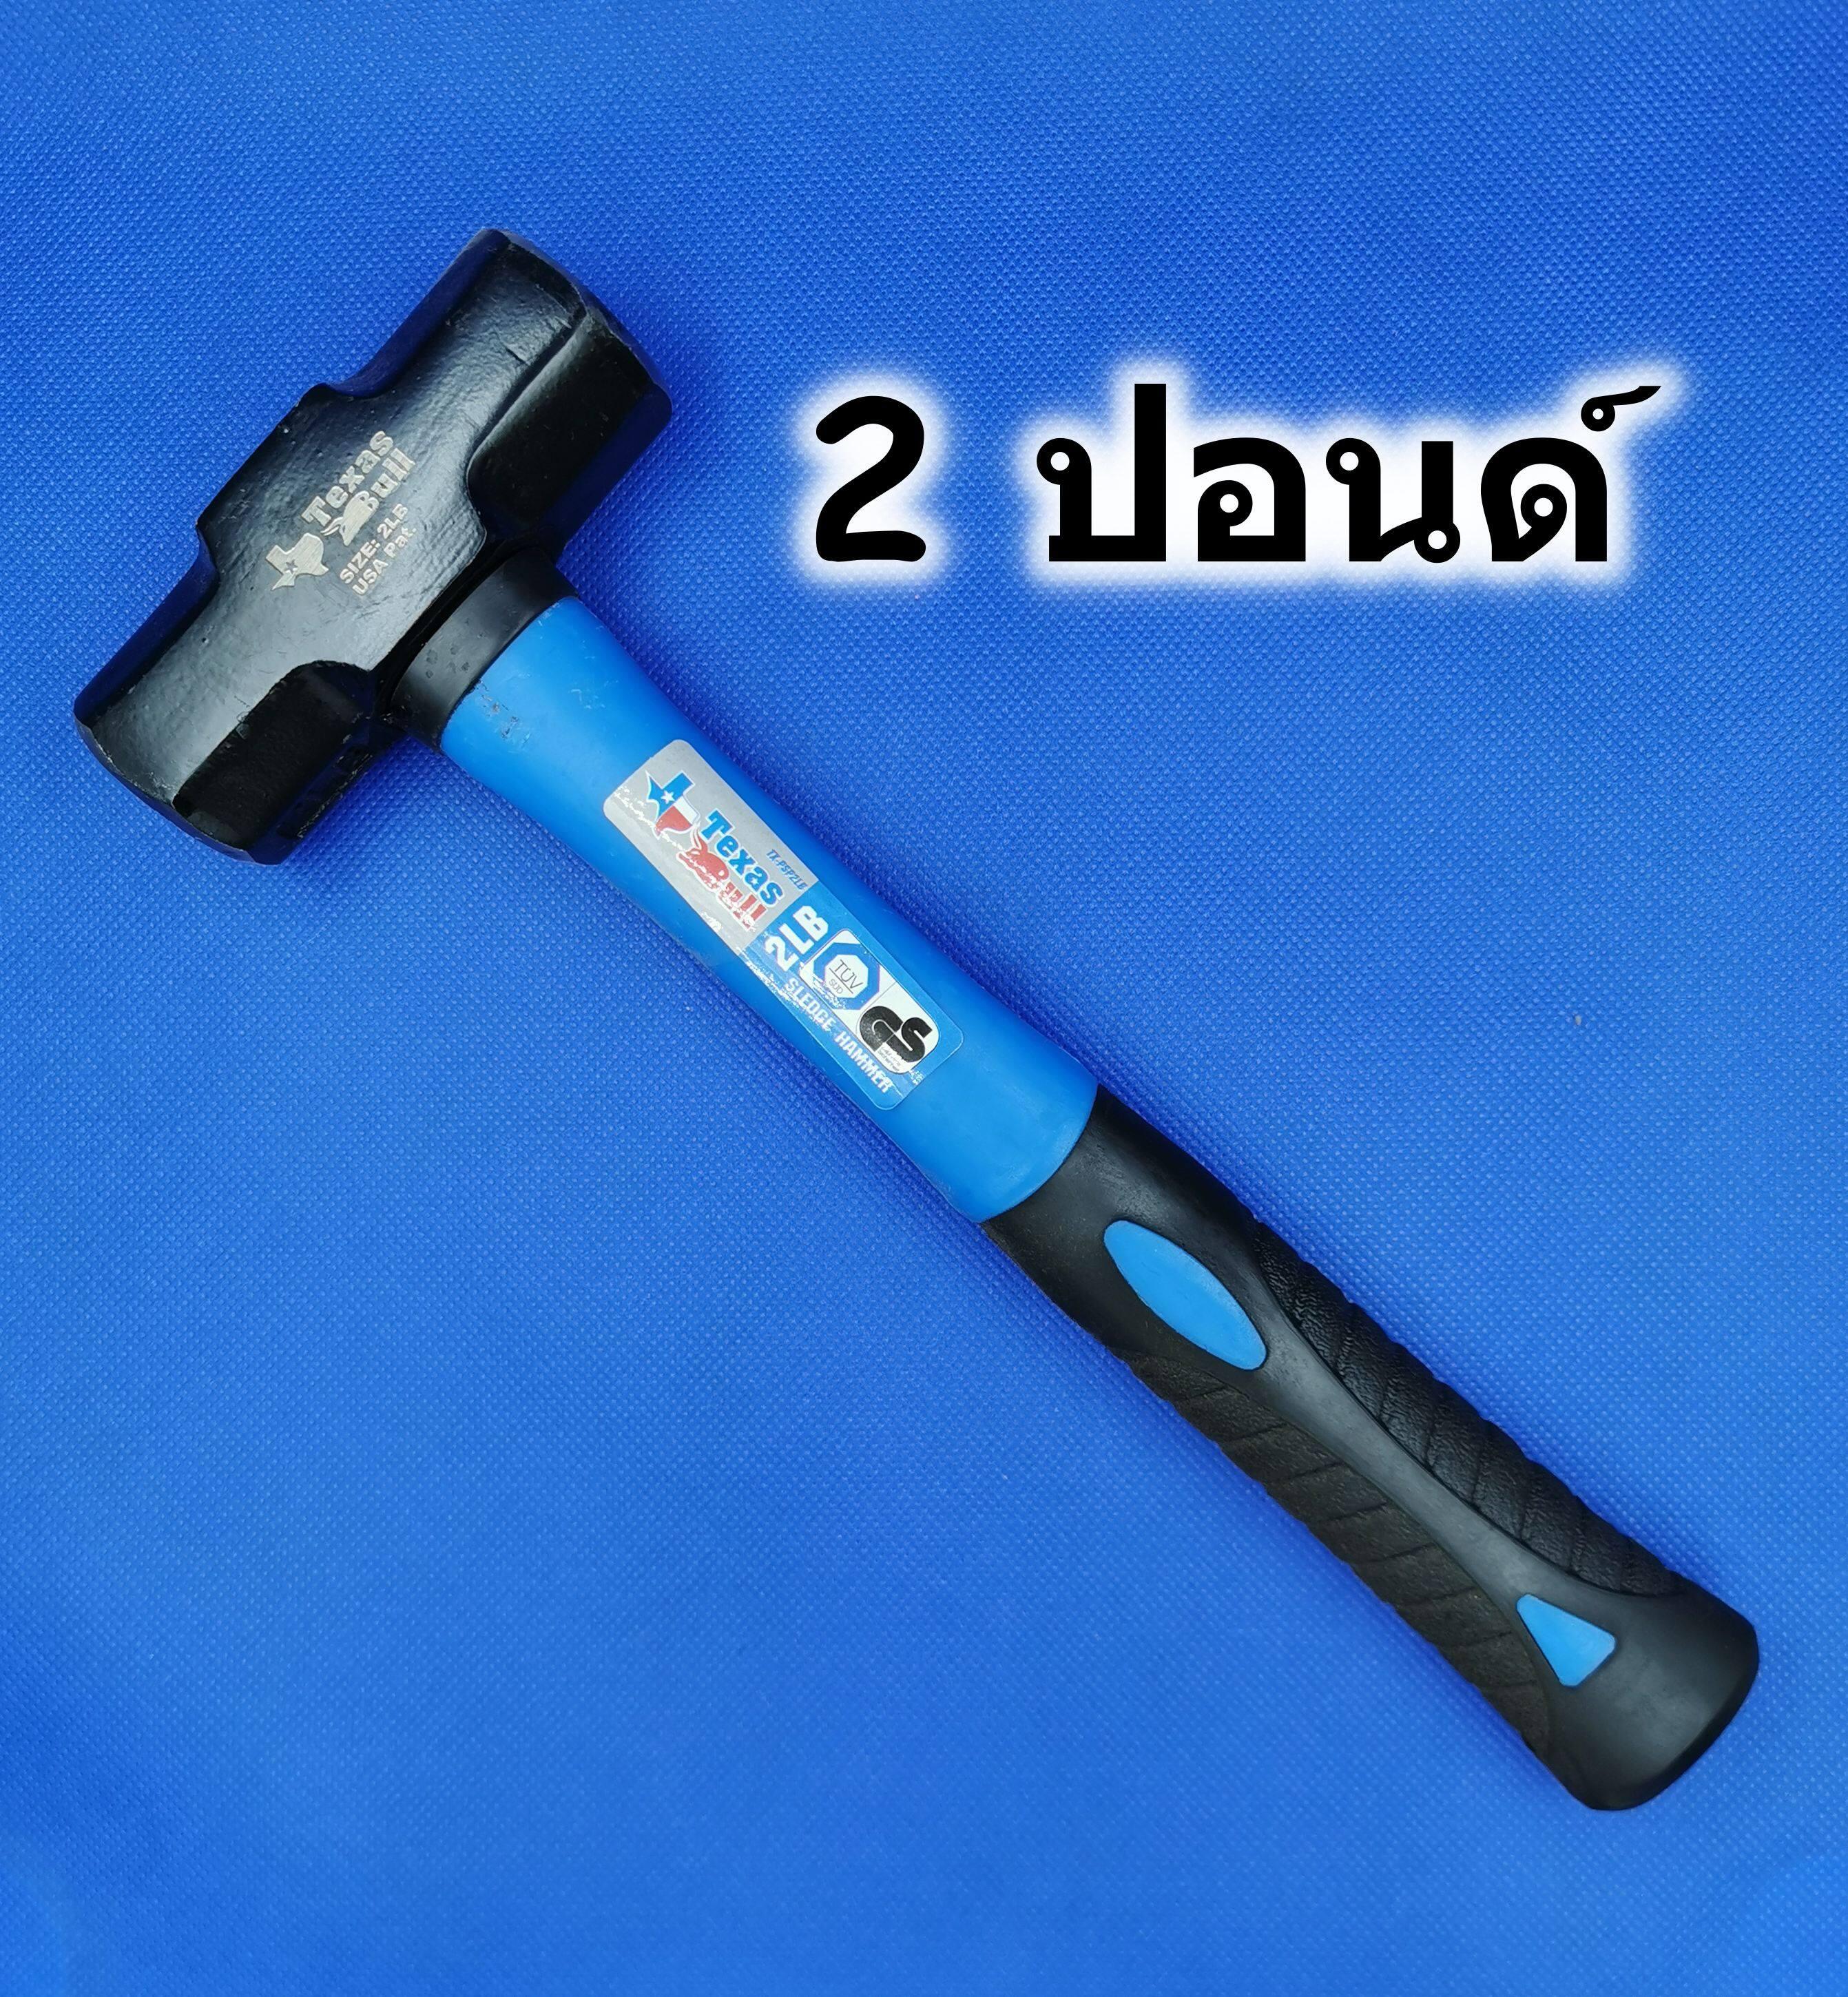 ค้อนปอนด์ Sledge Hammer ด้ามไฟเบอร์ 2 ปอนด์ Texas Bull.